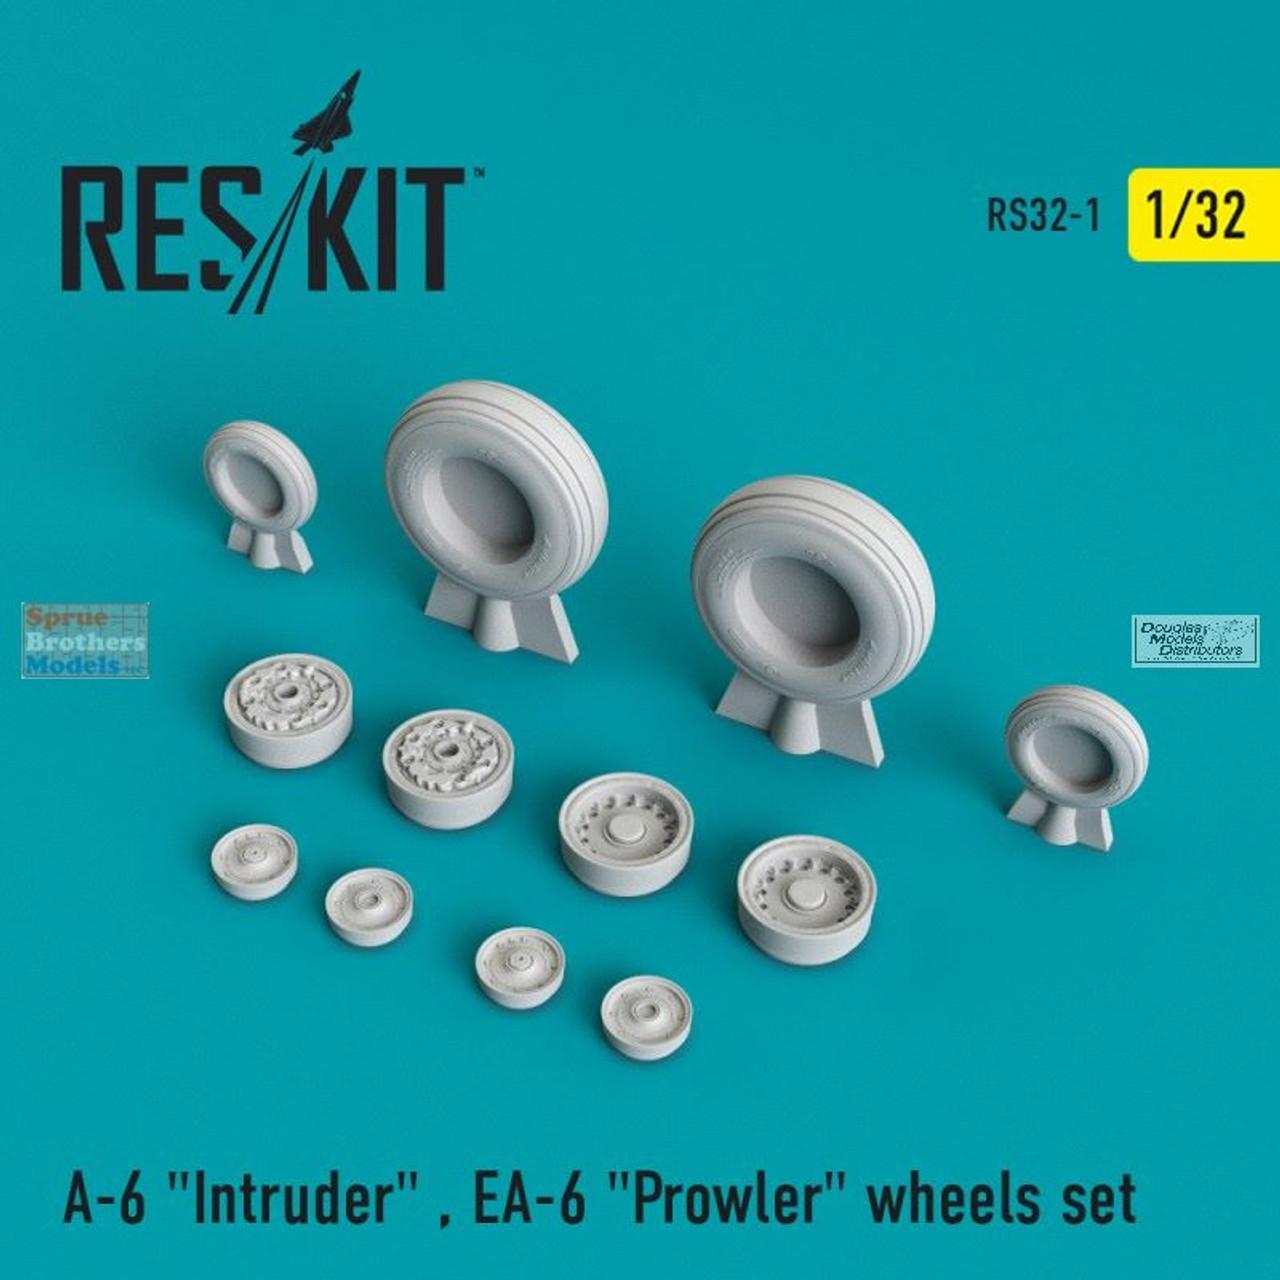 RESRS320001 1:32 ResKit A-6 Intruder EA-6 Prowler Wheels Set